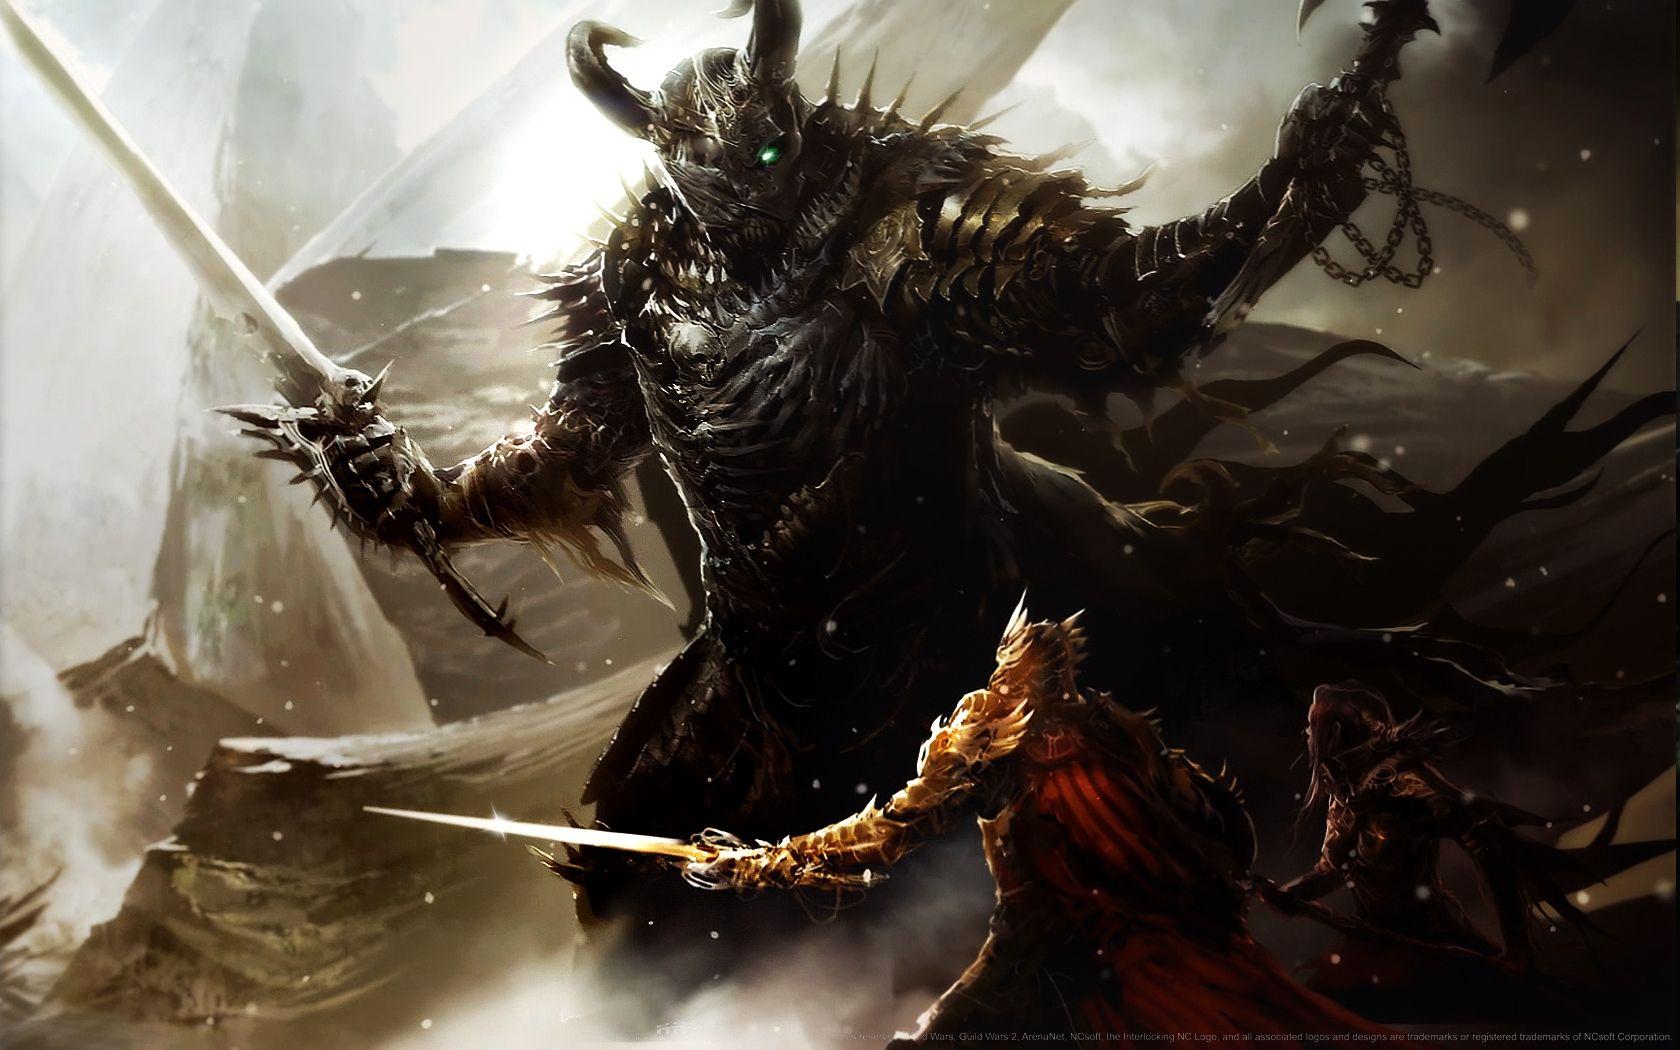 http://gamingbolt.com/wp-content/uploads/2012/09/Guild-Wars-2.jpg